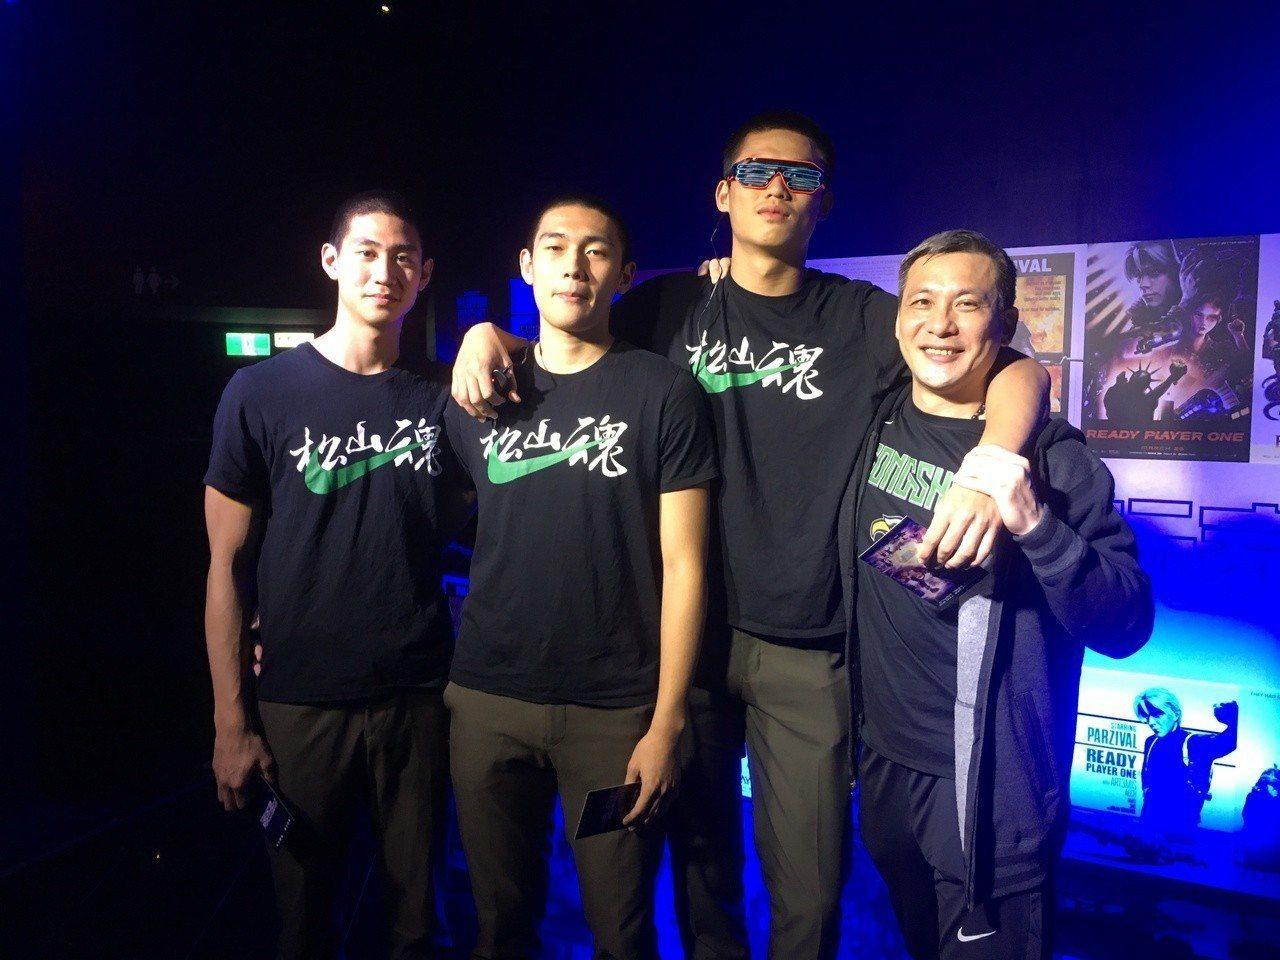 黃萬隆(右)和高三隊員在電影首映會前合影。 記者曾思儒/攝影